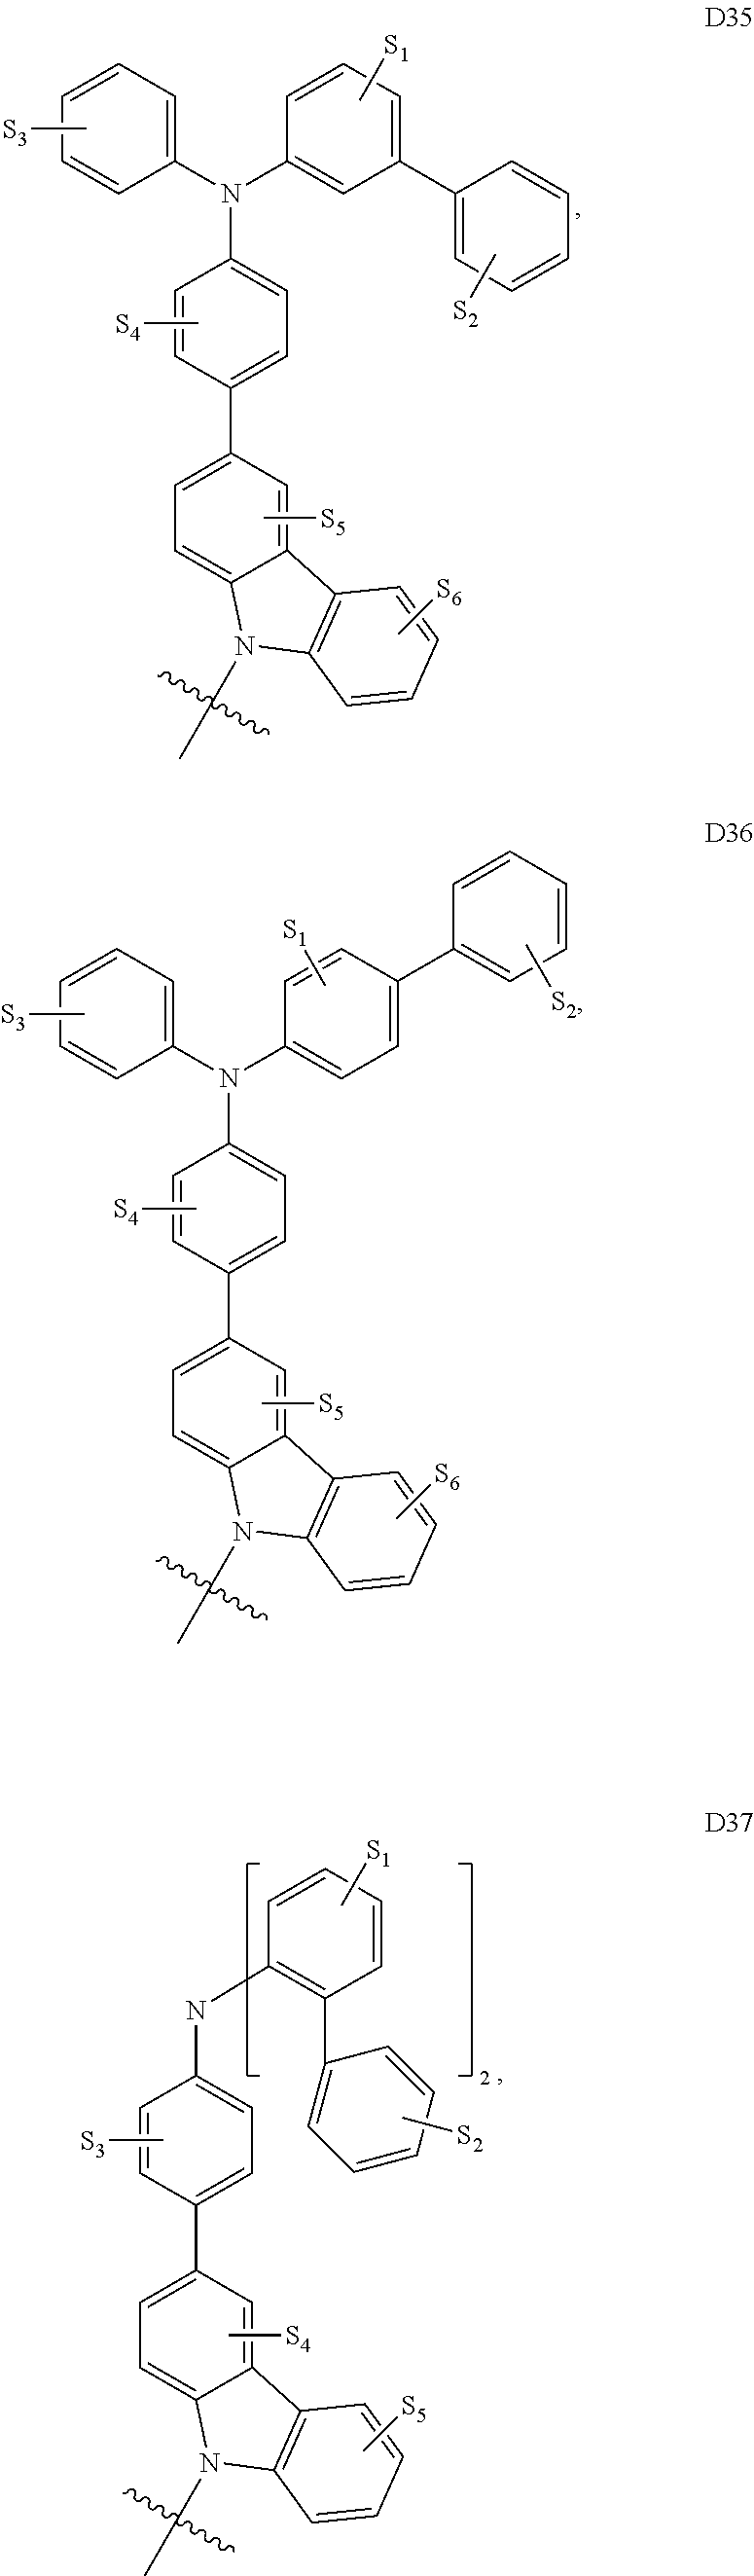 Figure US09537106-20170103-C00478